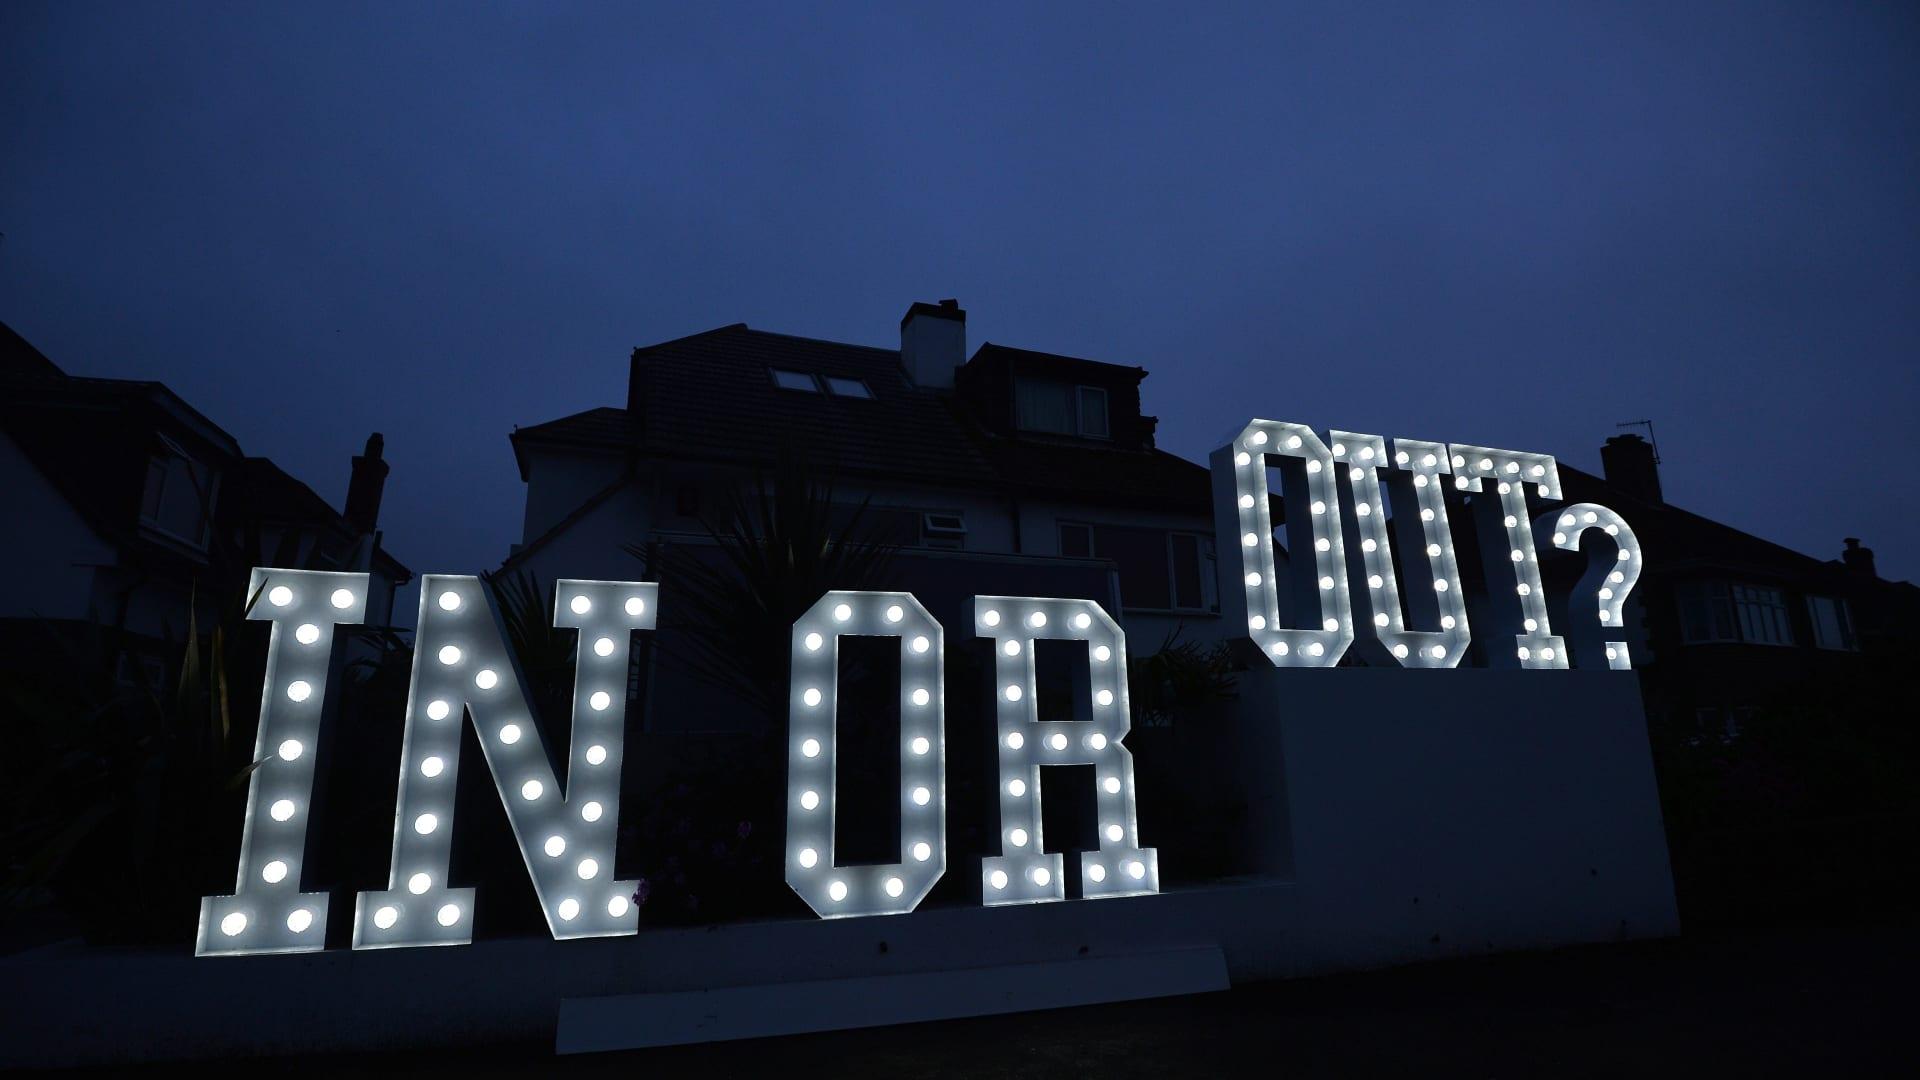 هل يمكن للندن تجاهل نتائج استفتاء خروج بريطانيا من الاتحاد الأوروبي والبقاء؟